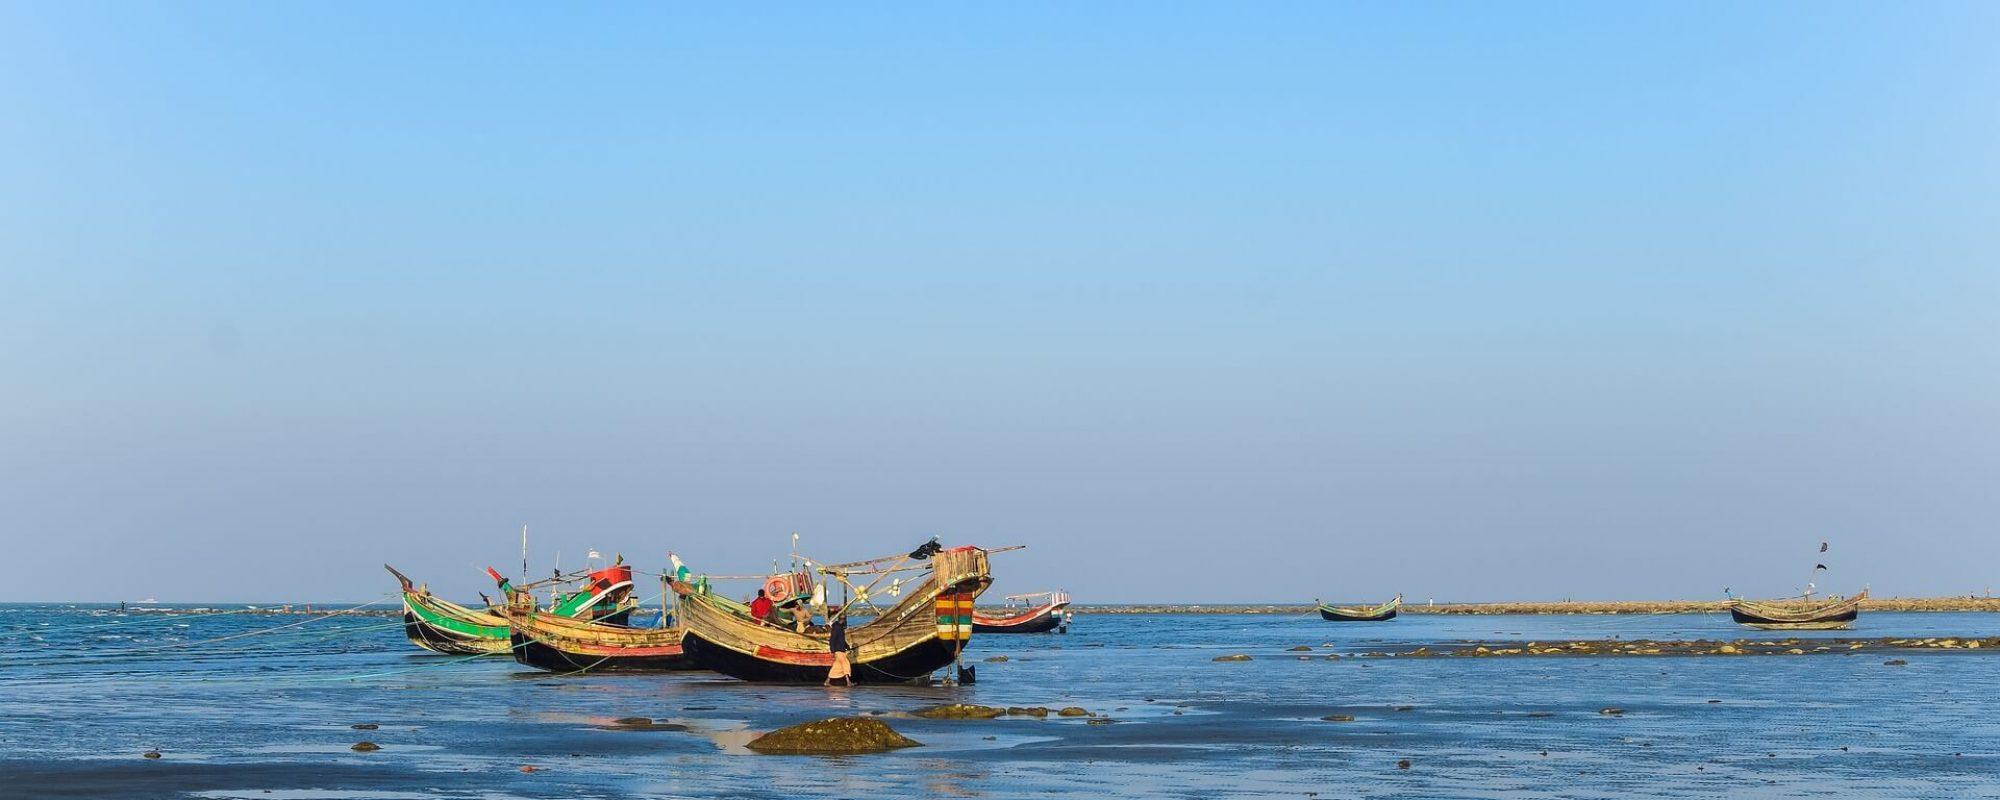 Bangladesh-holiday-trip